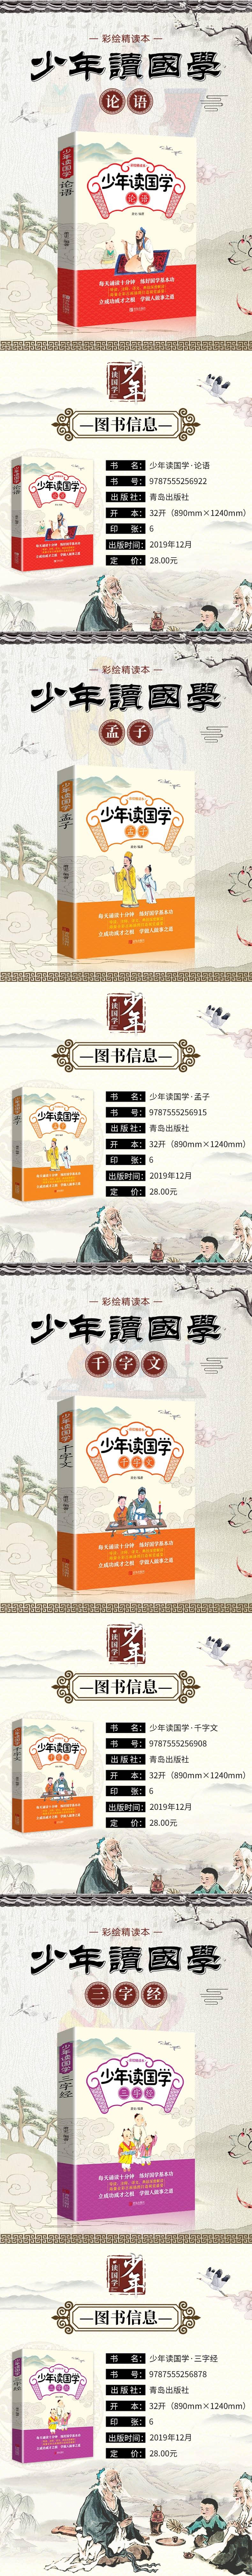 论语-孟子·千字文·三字经.jpg